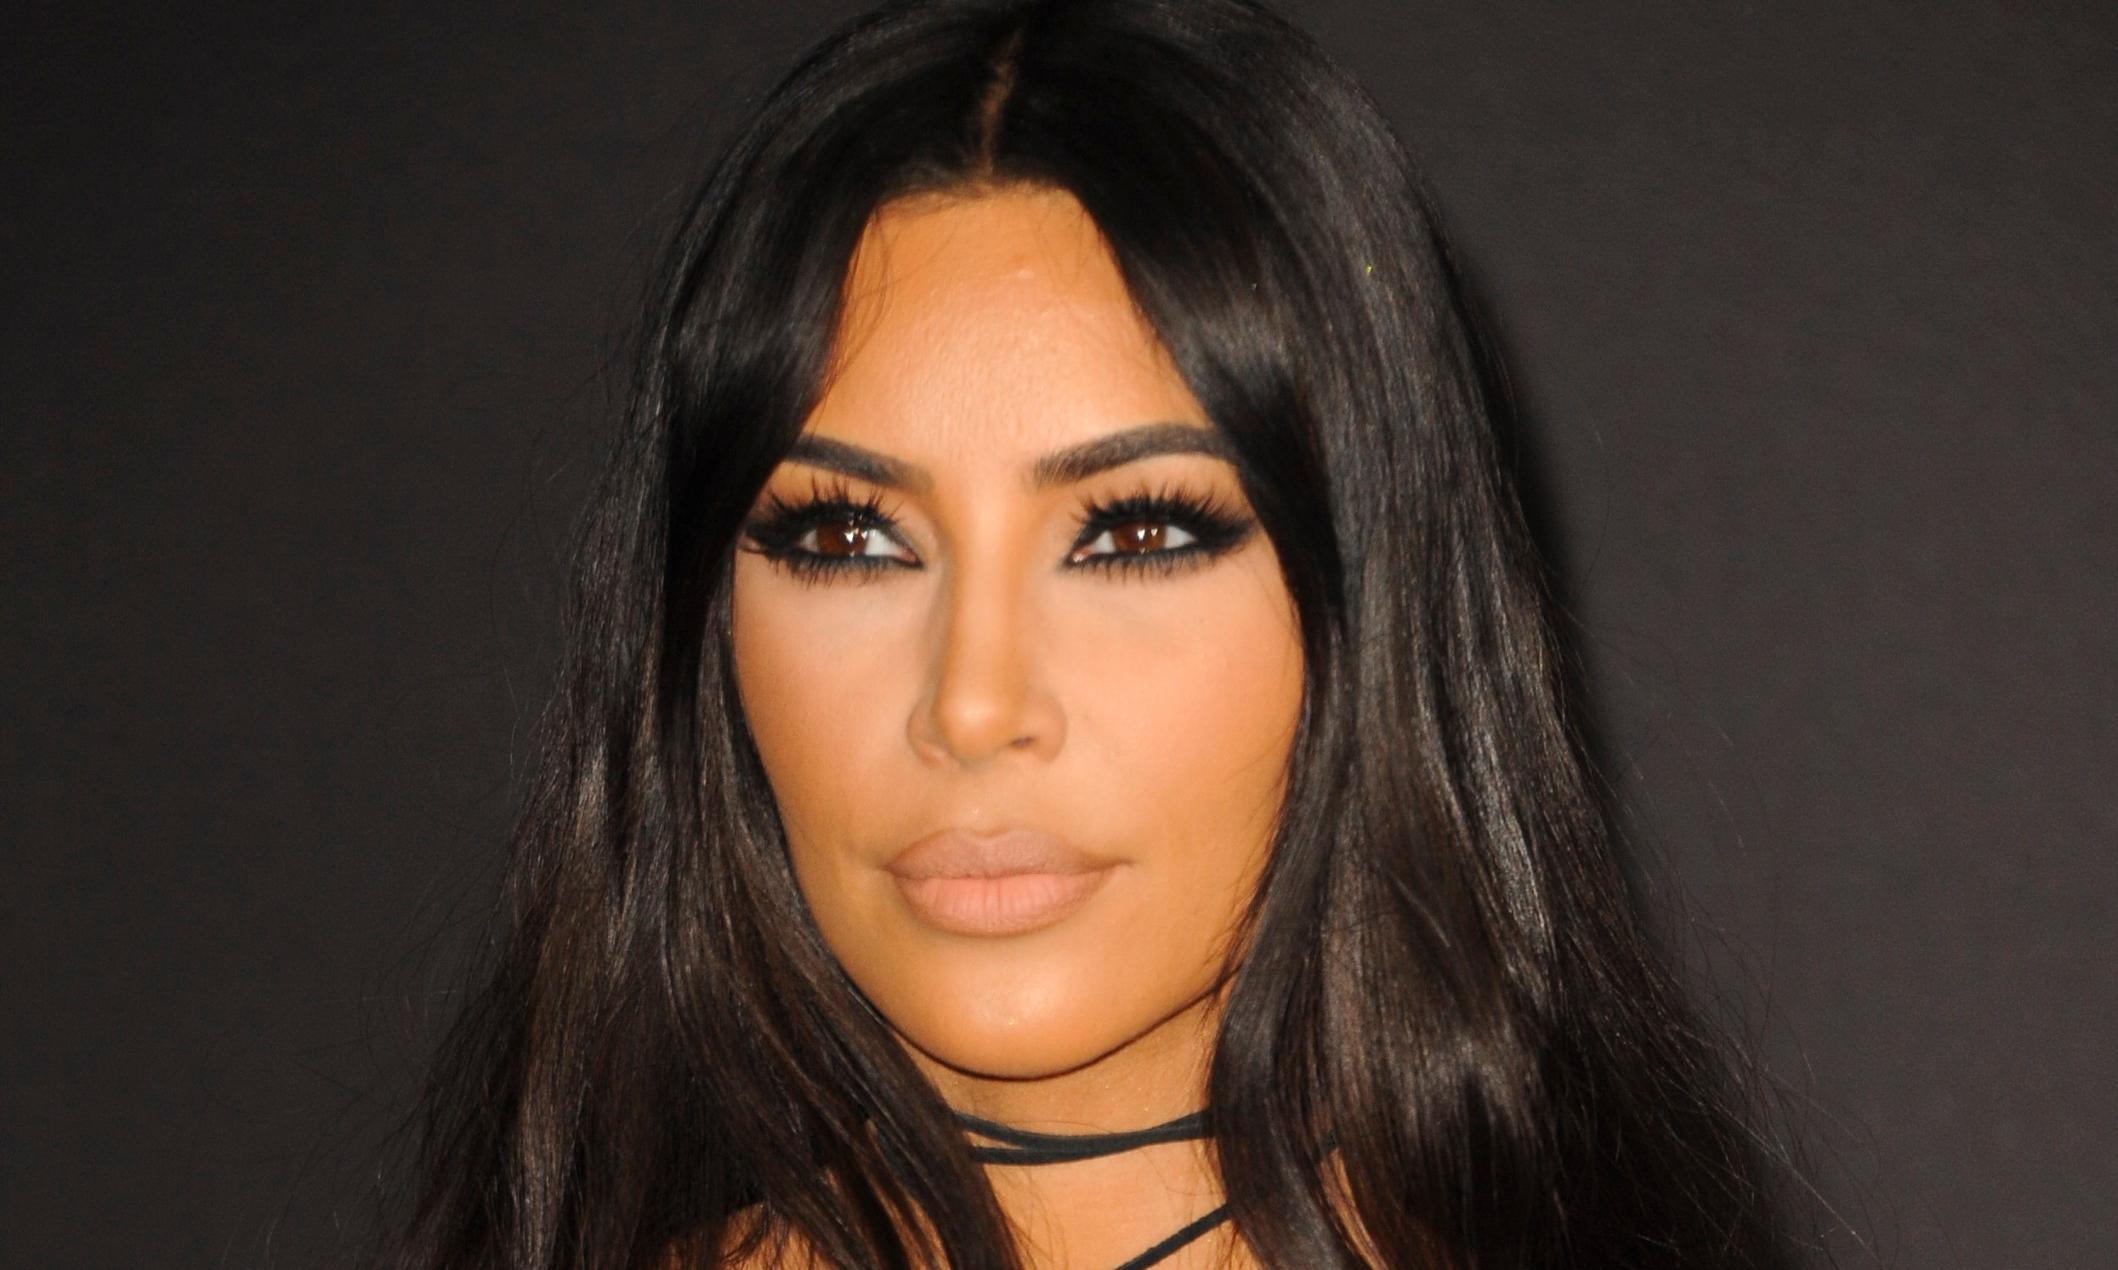 Кардашьян впервые появилась на людях без макияжа